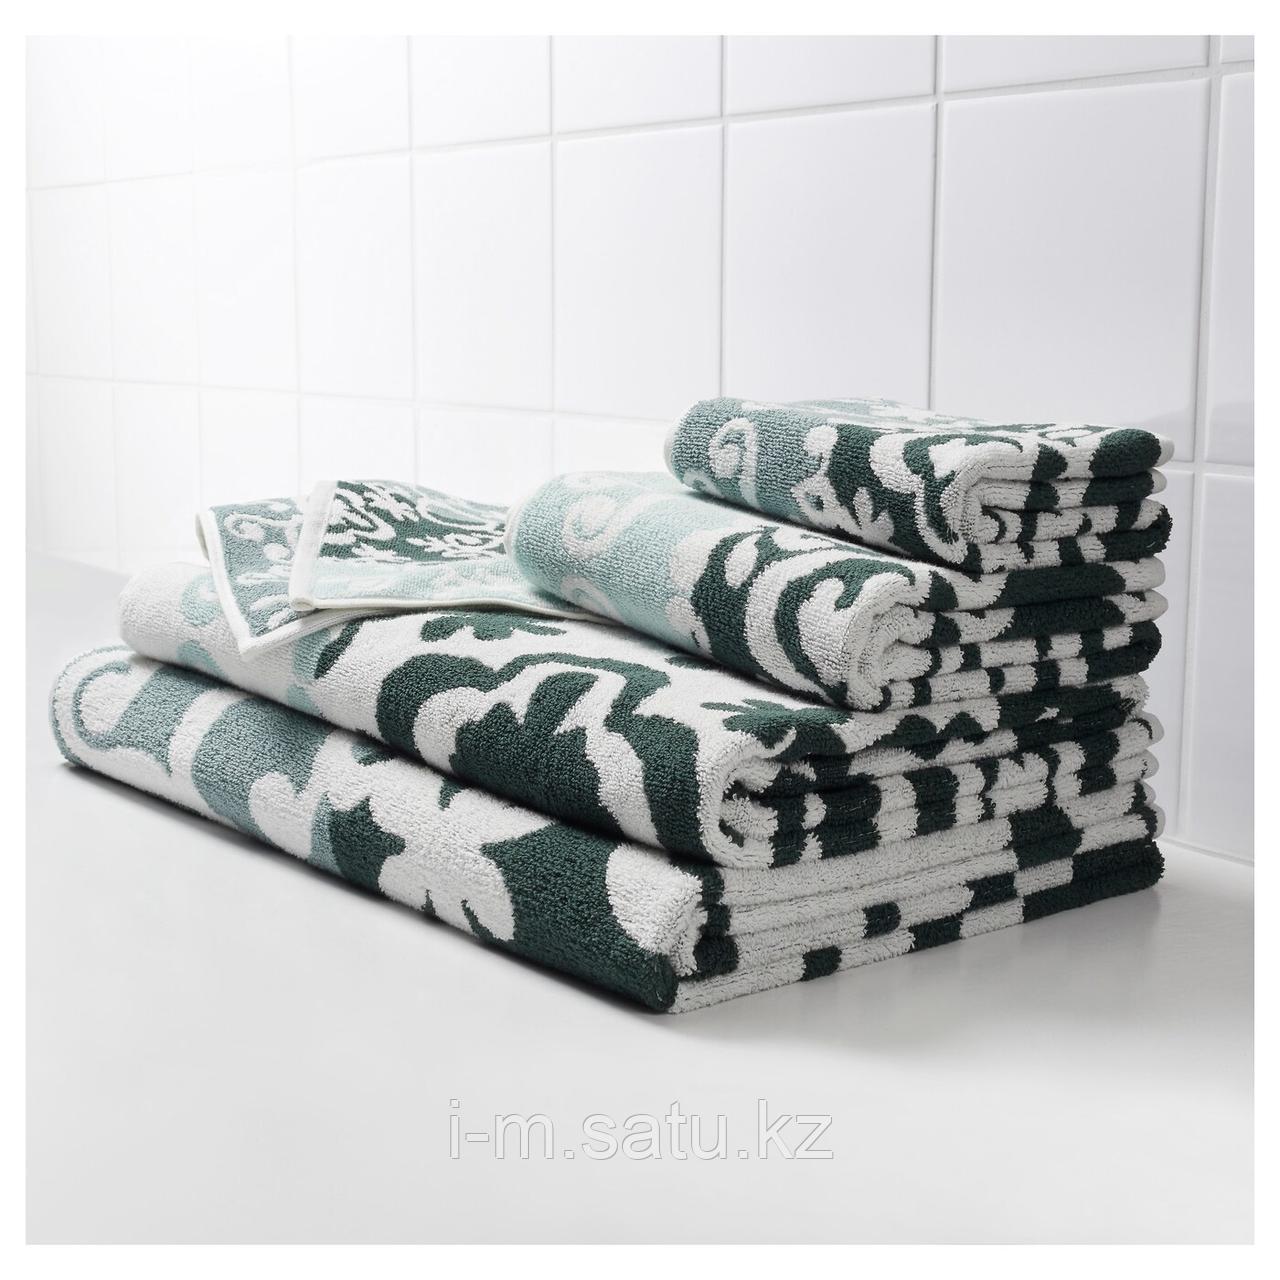 БЛЭДЬЕН Банное полотенце, зеленый, 70x140 см